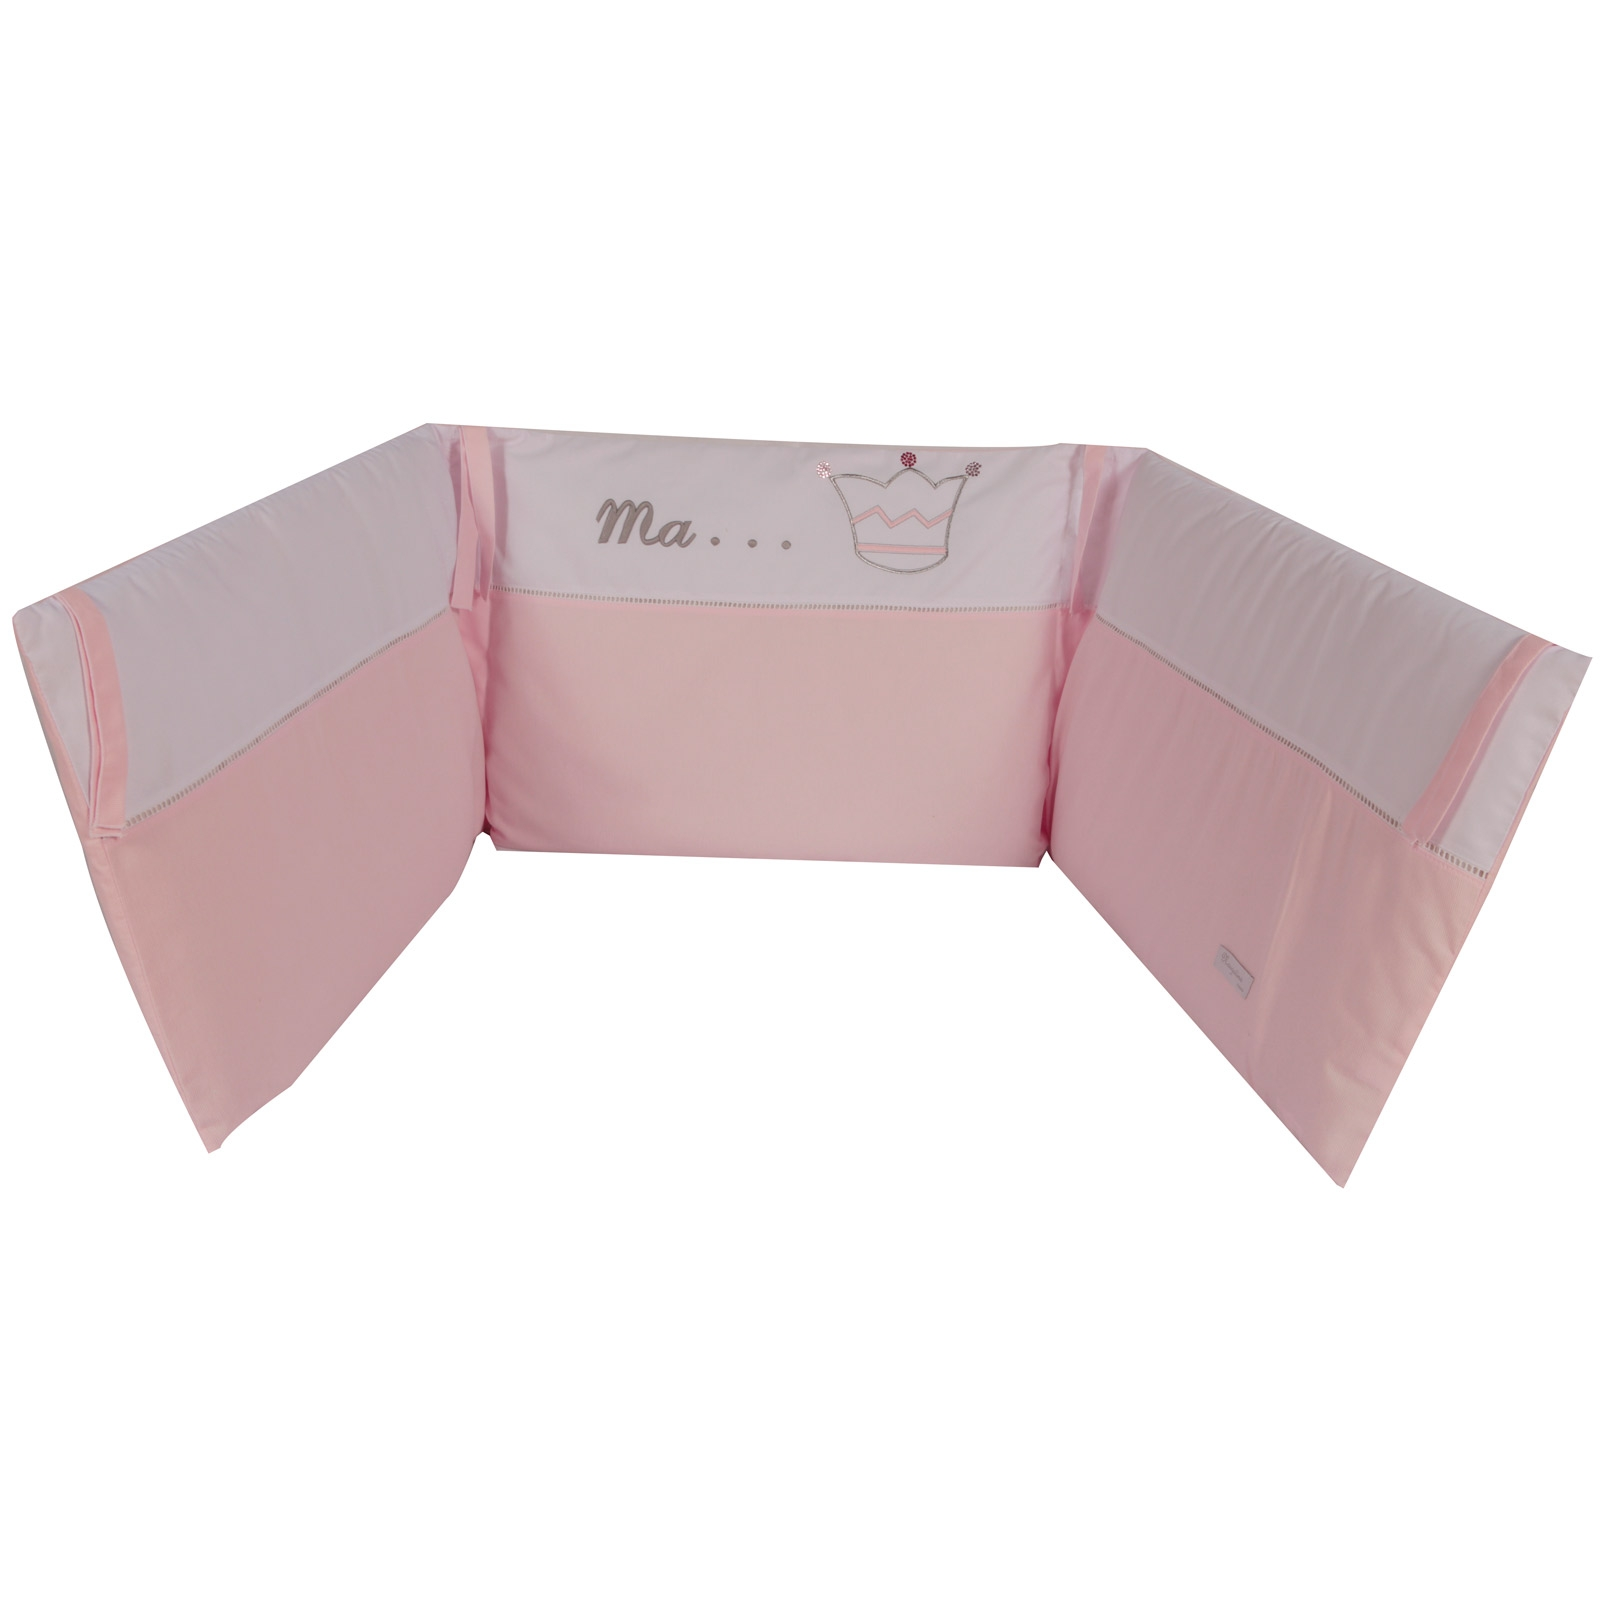 tour de lit princesse pour lits 60 x 120 cm et 70 x 140 cm - Lit De Princesse